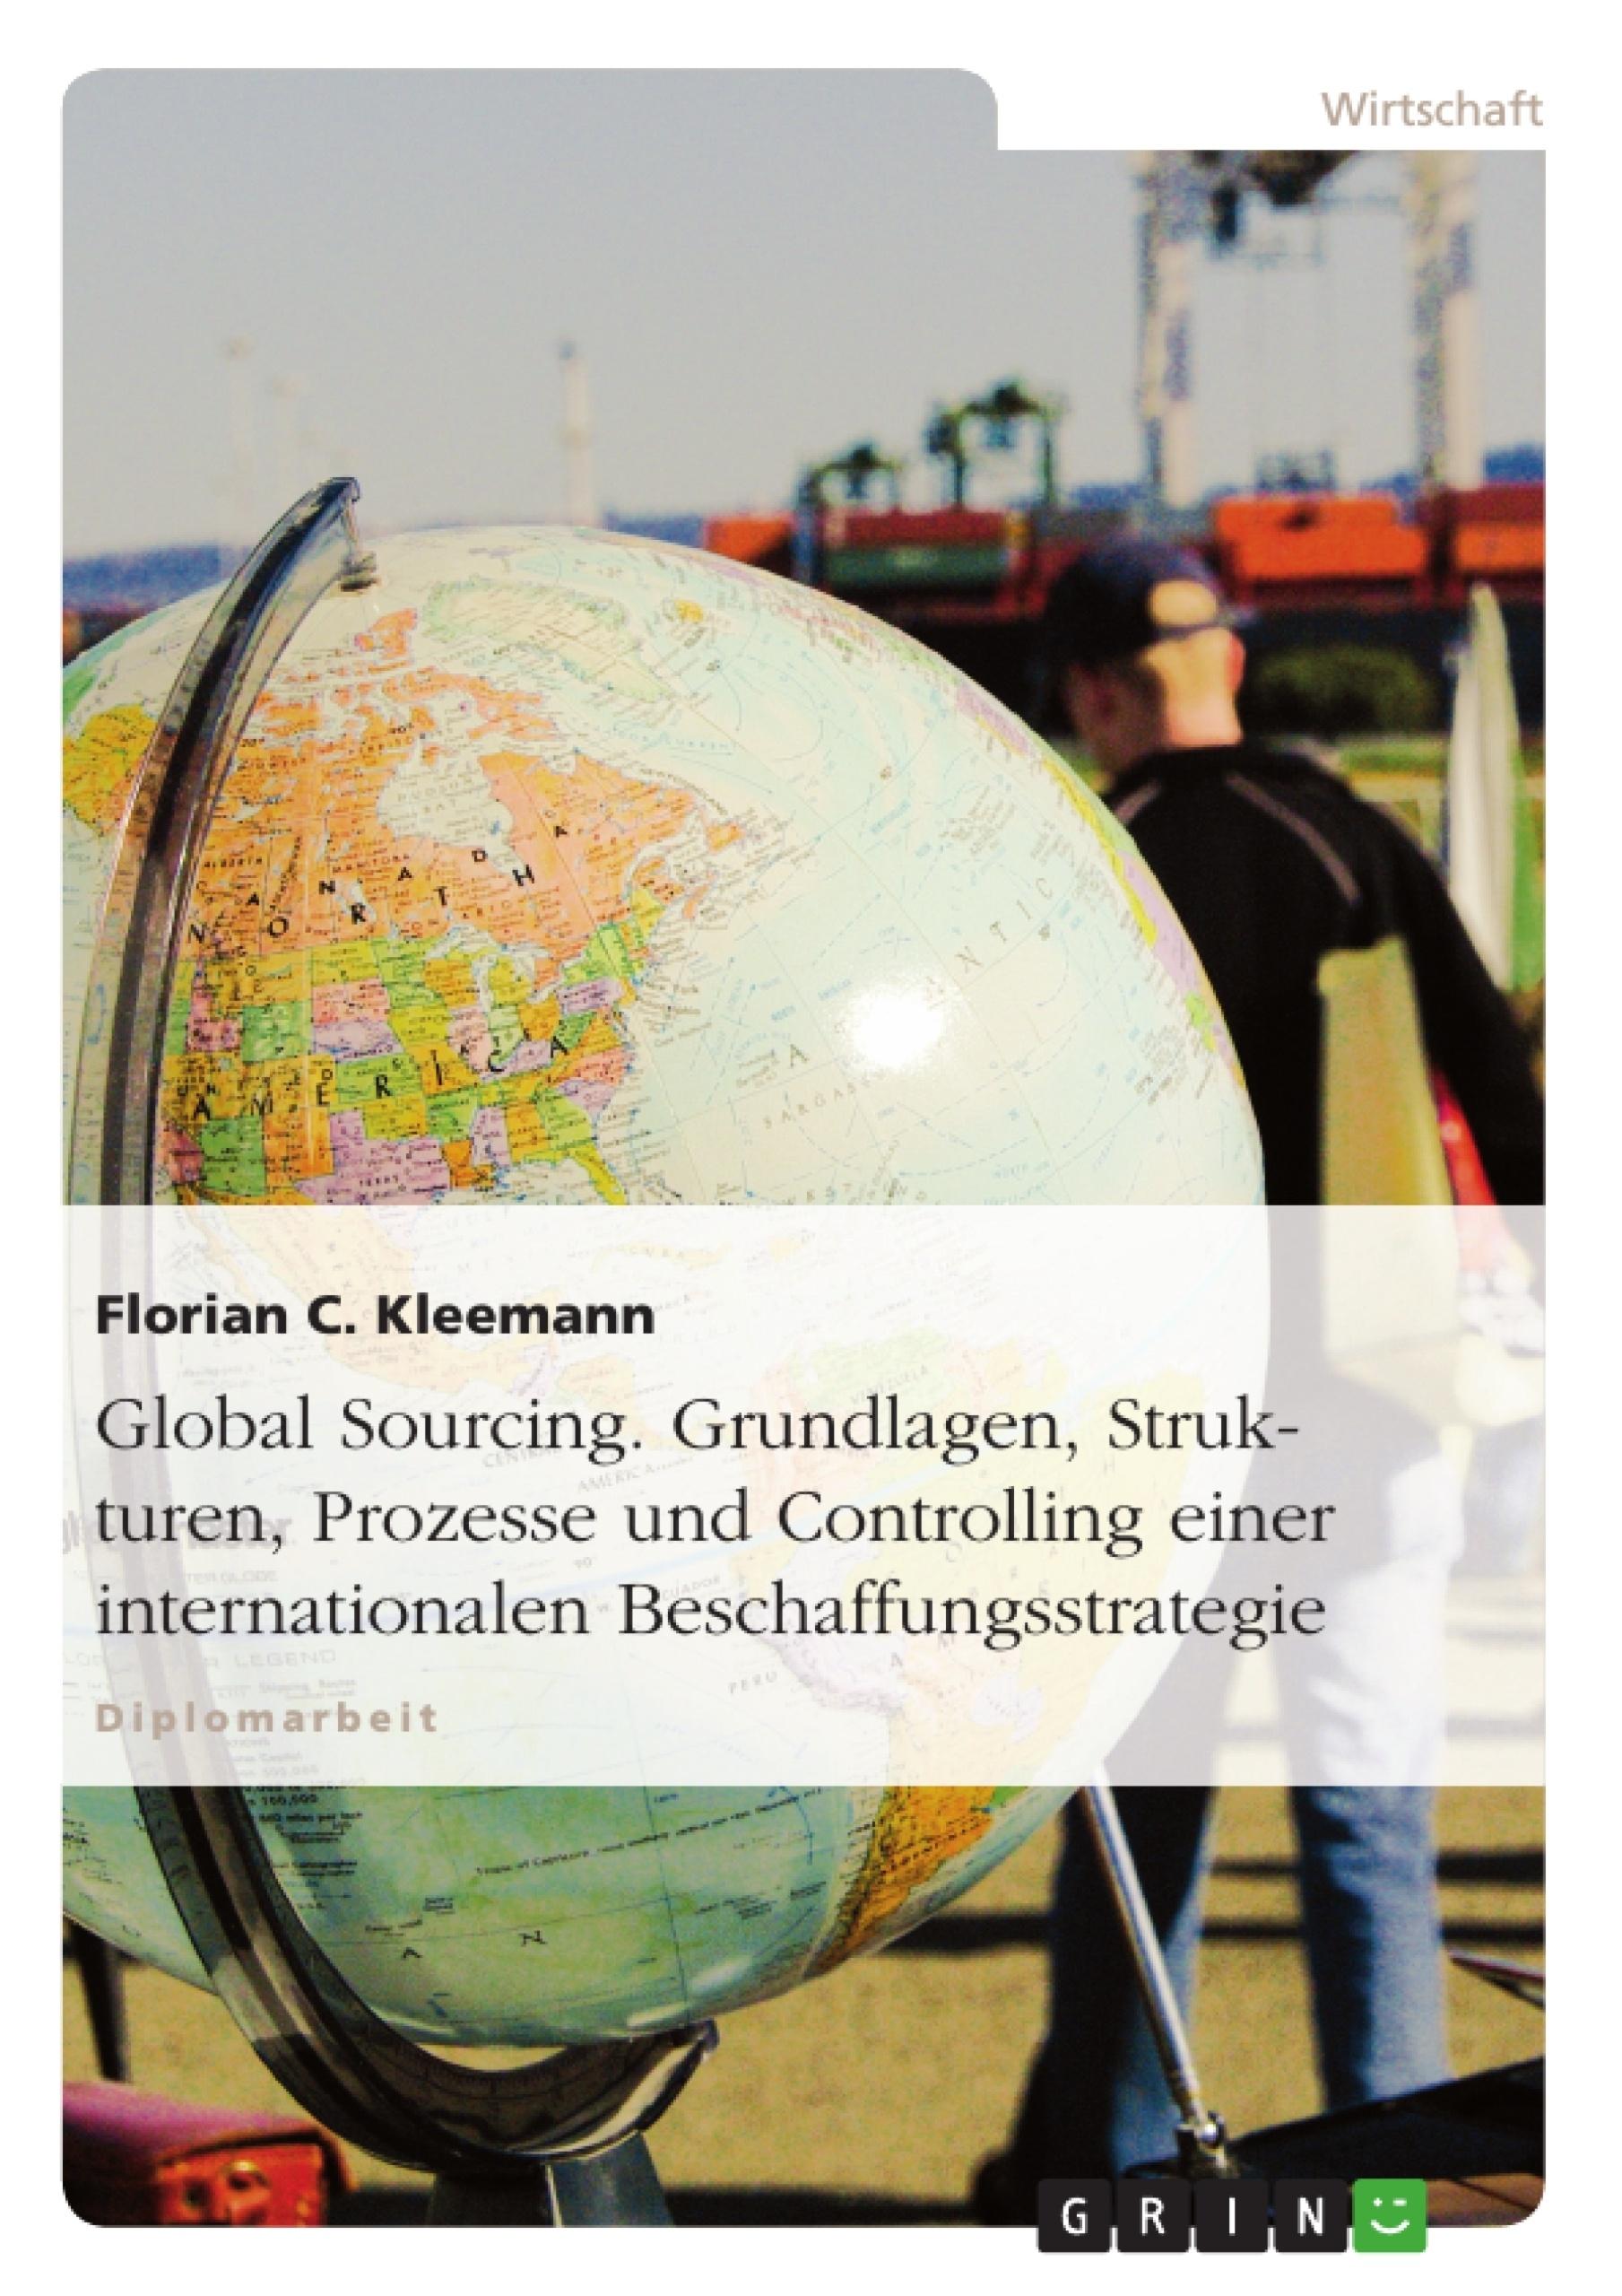 Titel: Global Sourcing. Grundlagen, Strukturen, Prozesse und Controlling einer internationalen Beschaffungsstrategie